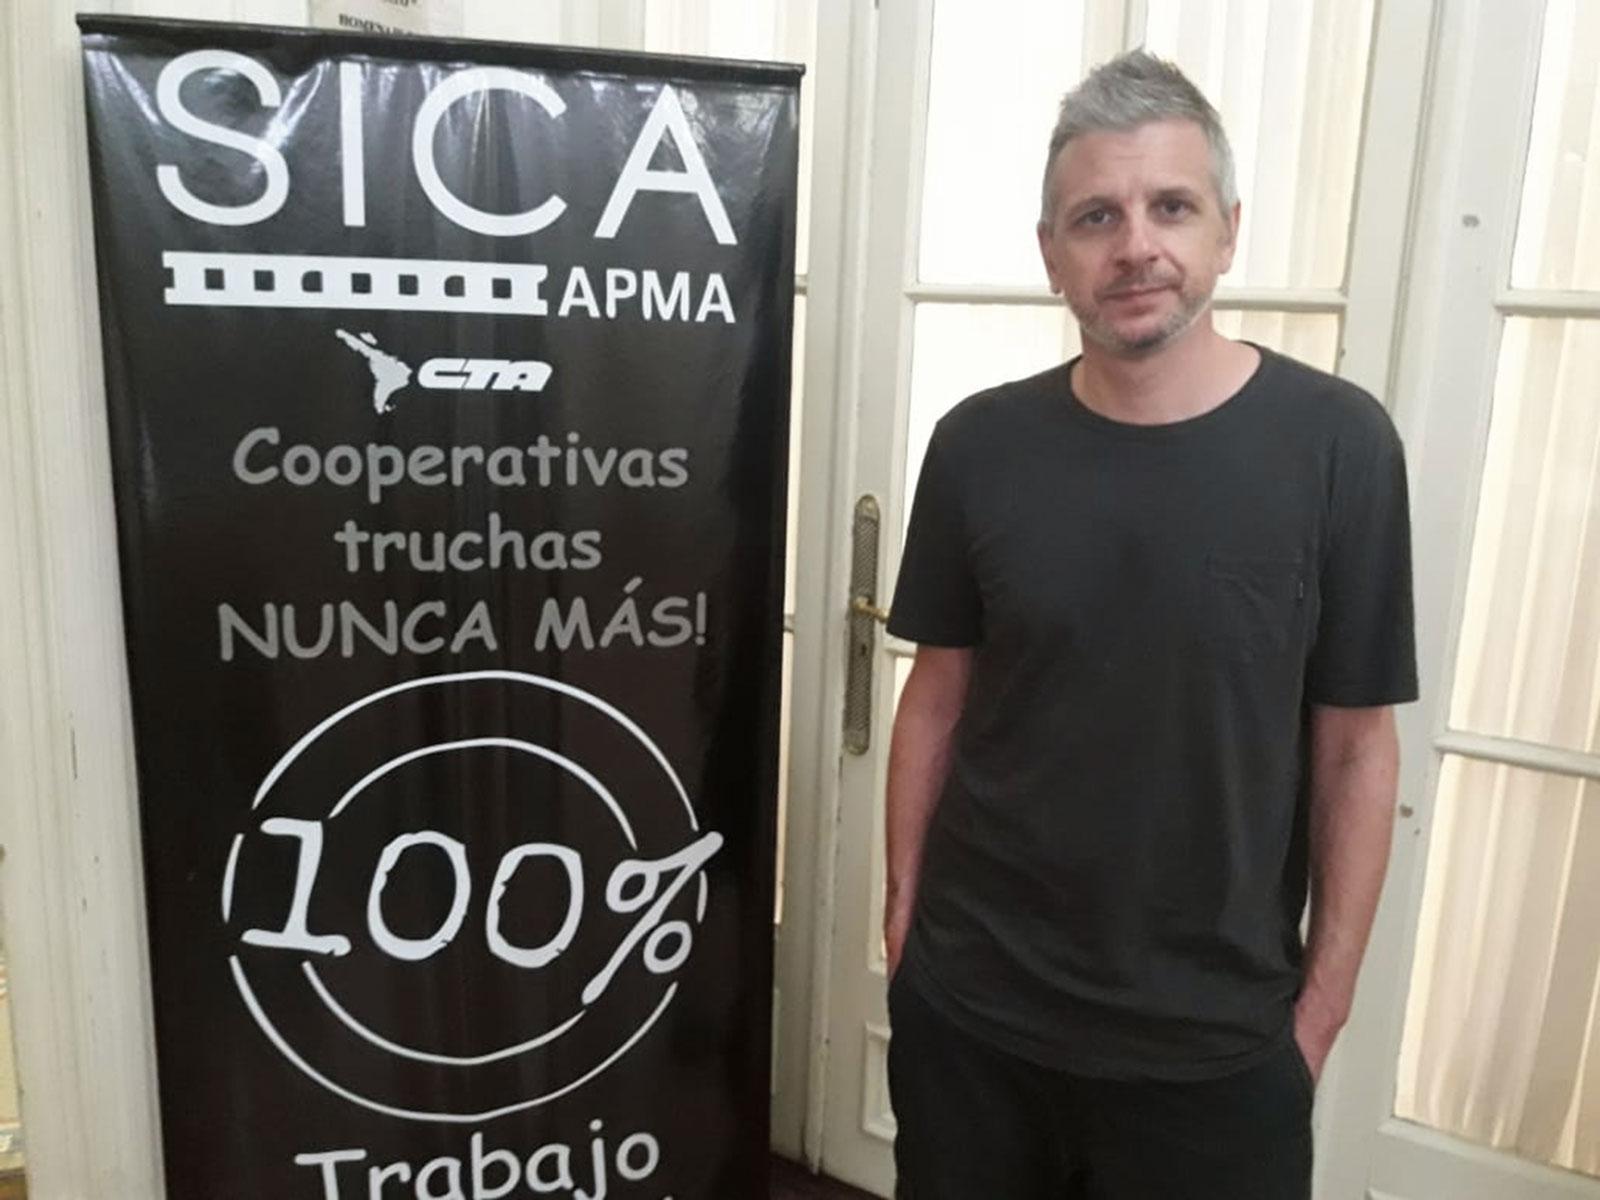 SICA Luciano Bertone